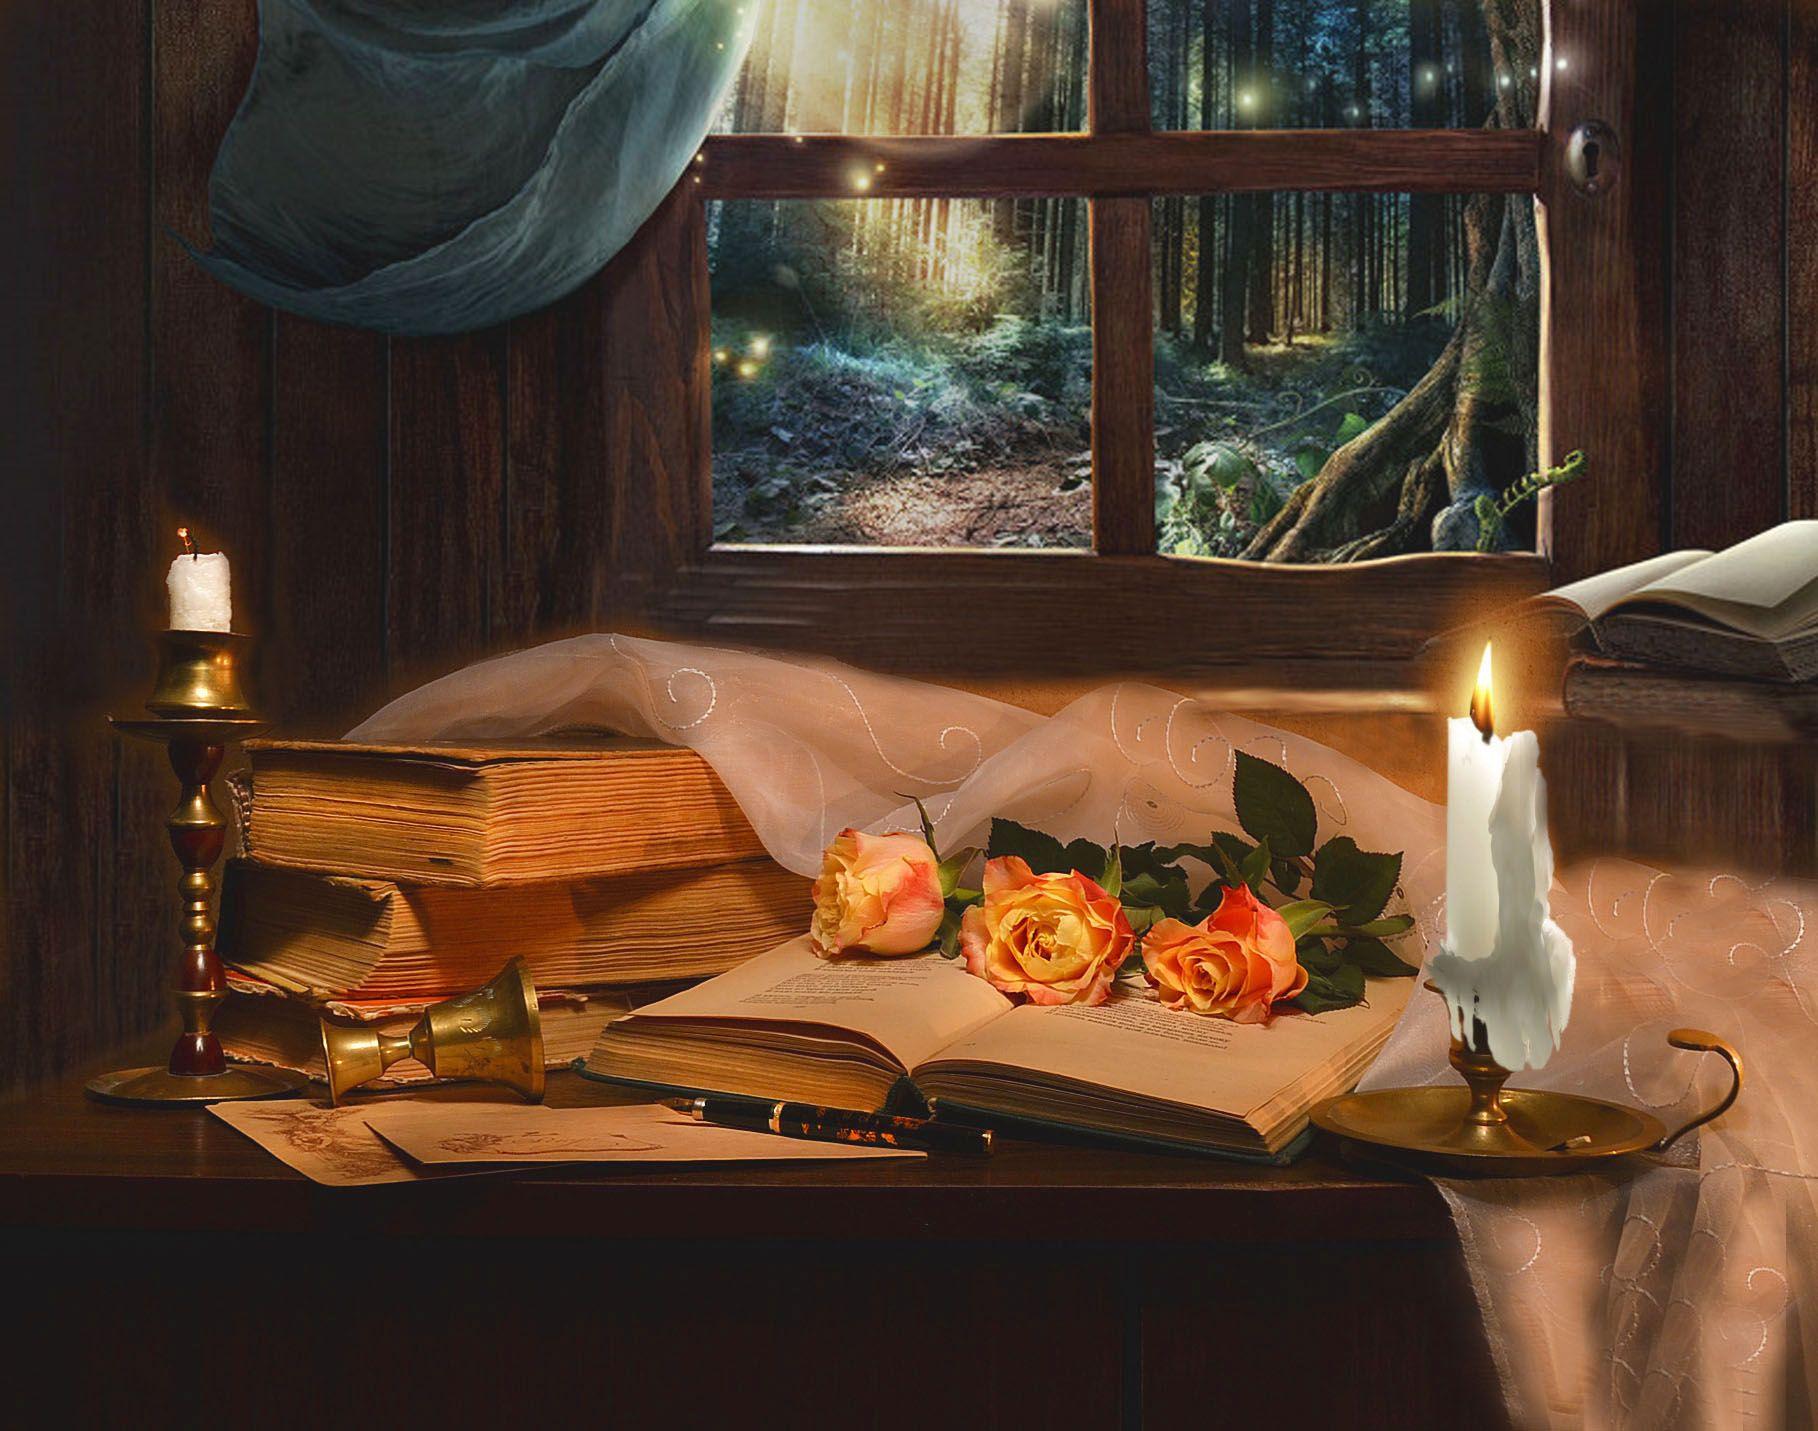 still life, натюрморт , апрель, весна, книги,  подсвечник, розы, свечи,  стихи, фото натюрморт, цветы, Колова Валентина